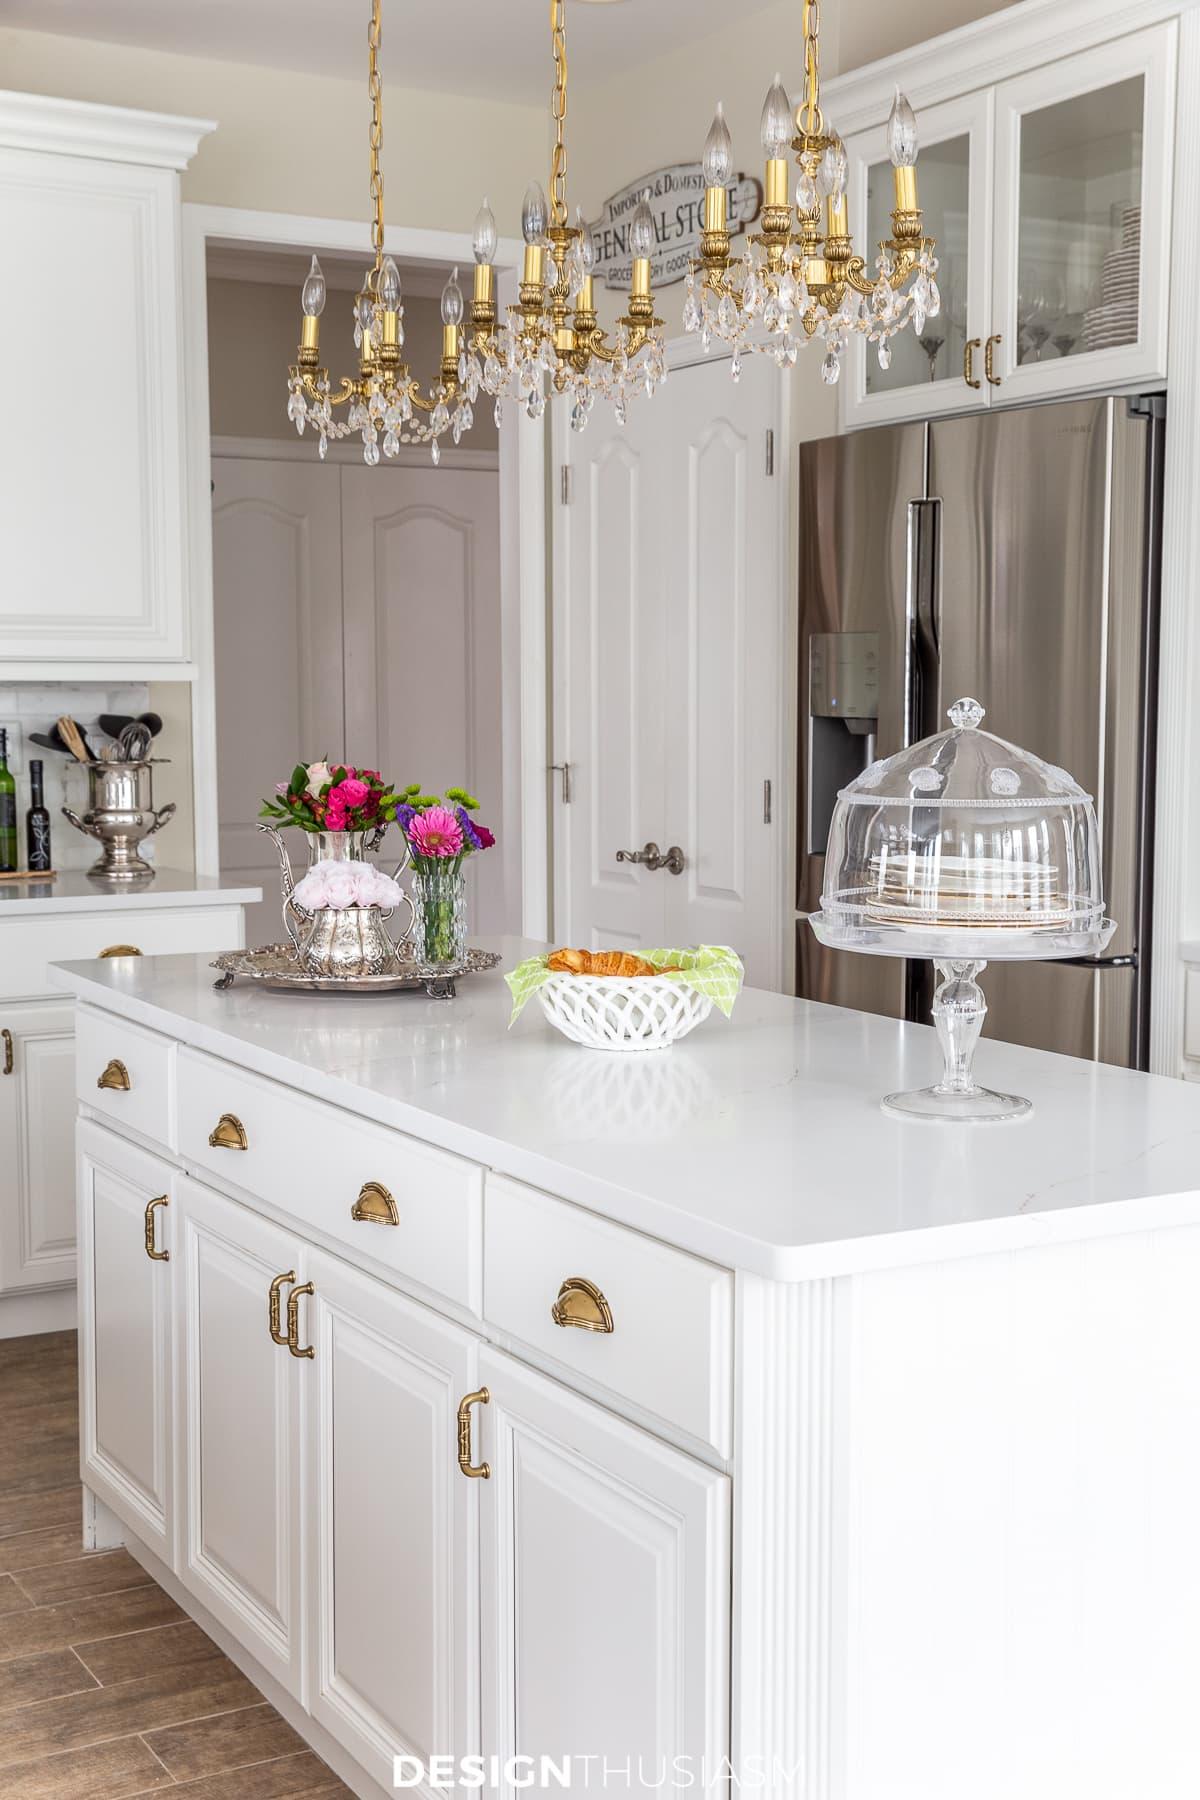 white quartz countertops on the kitchen island